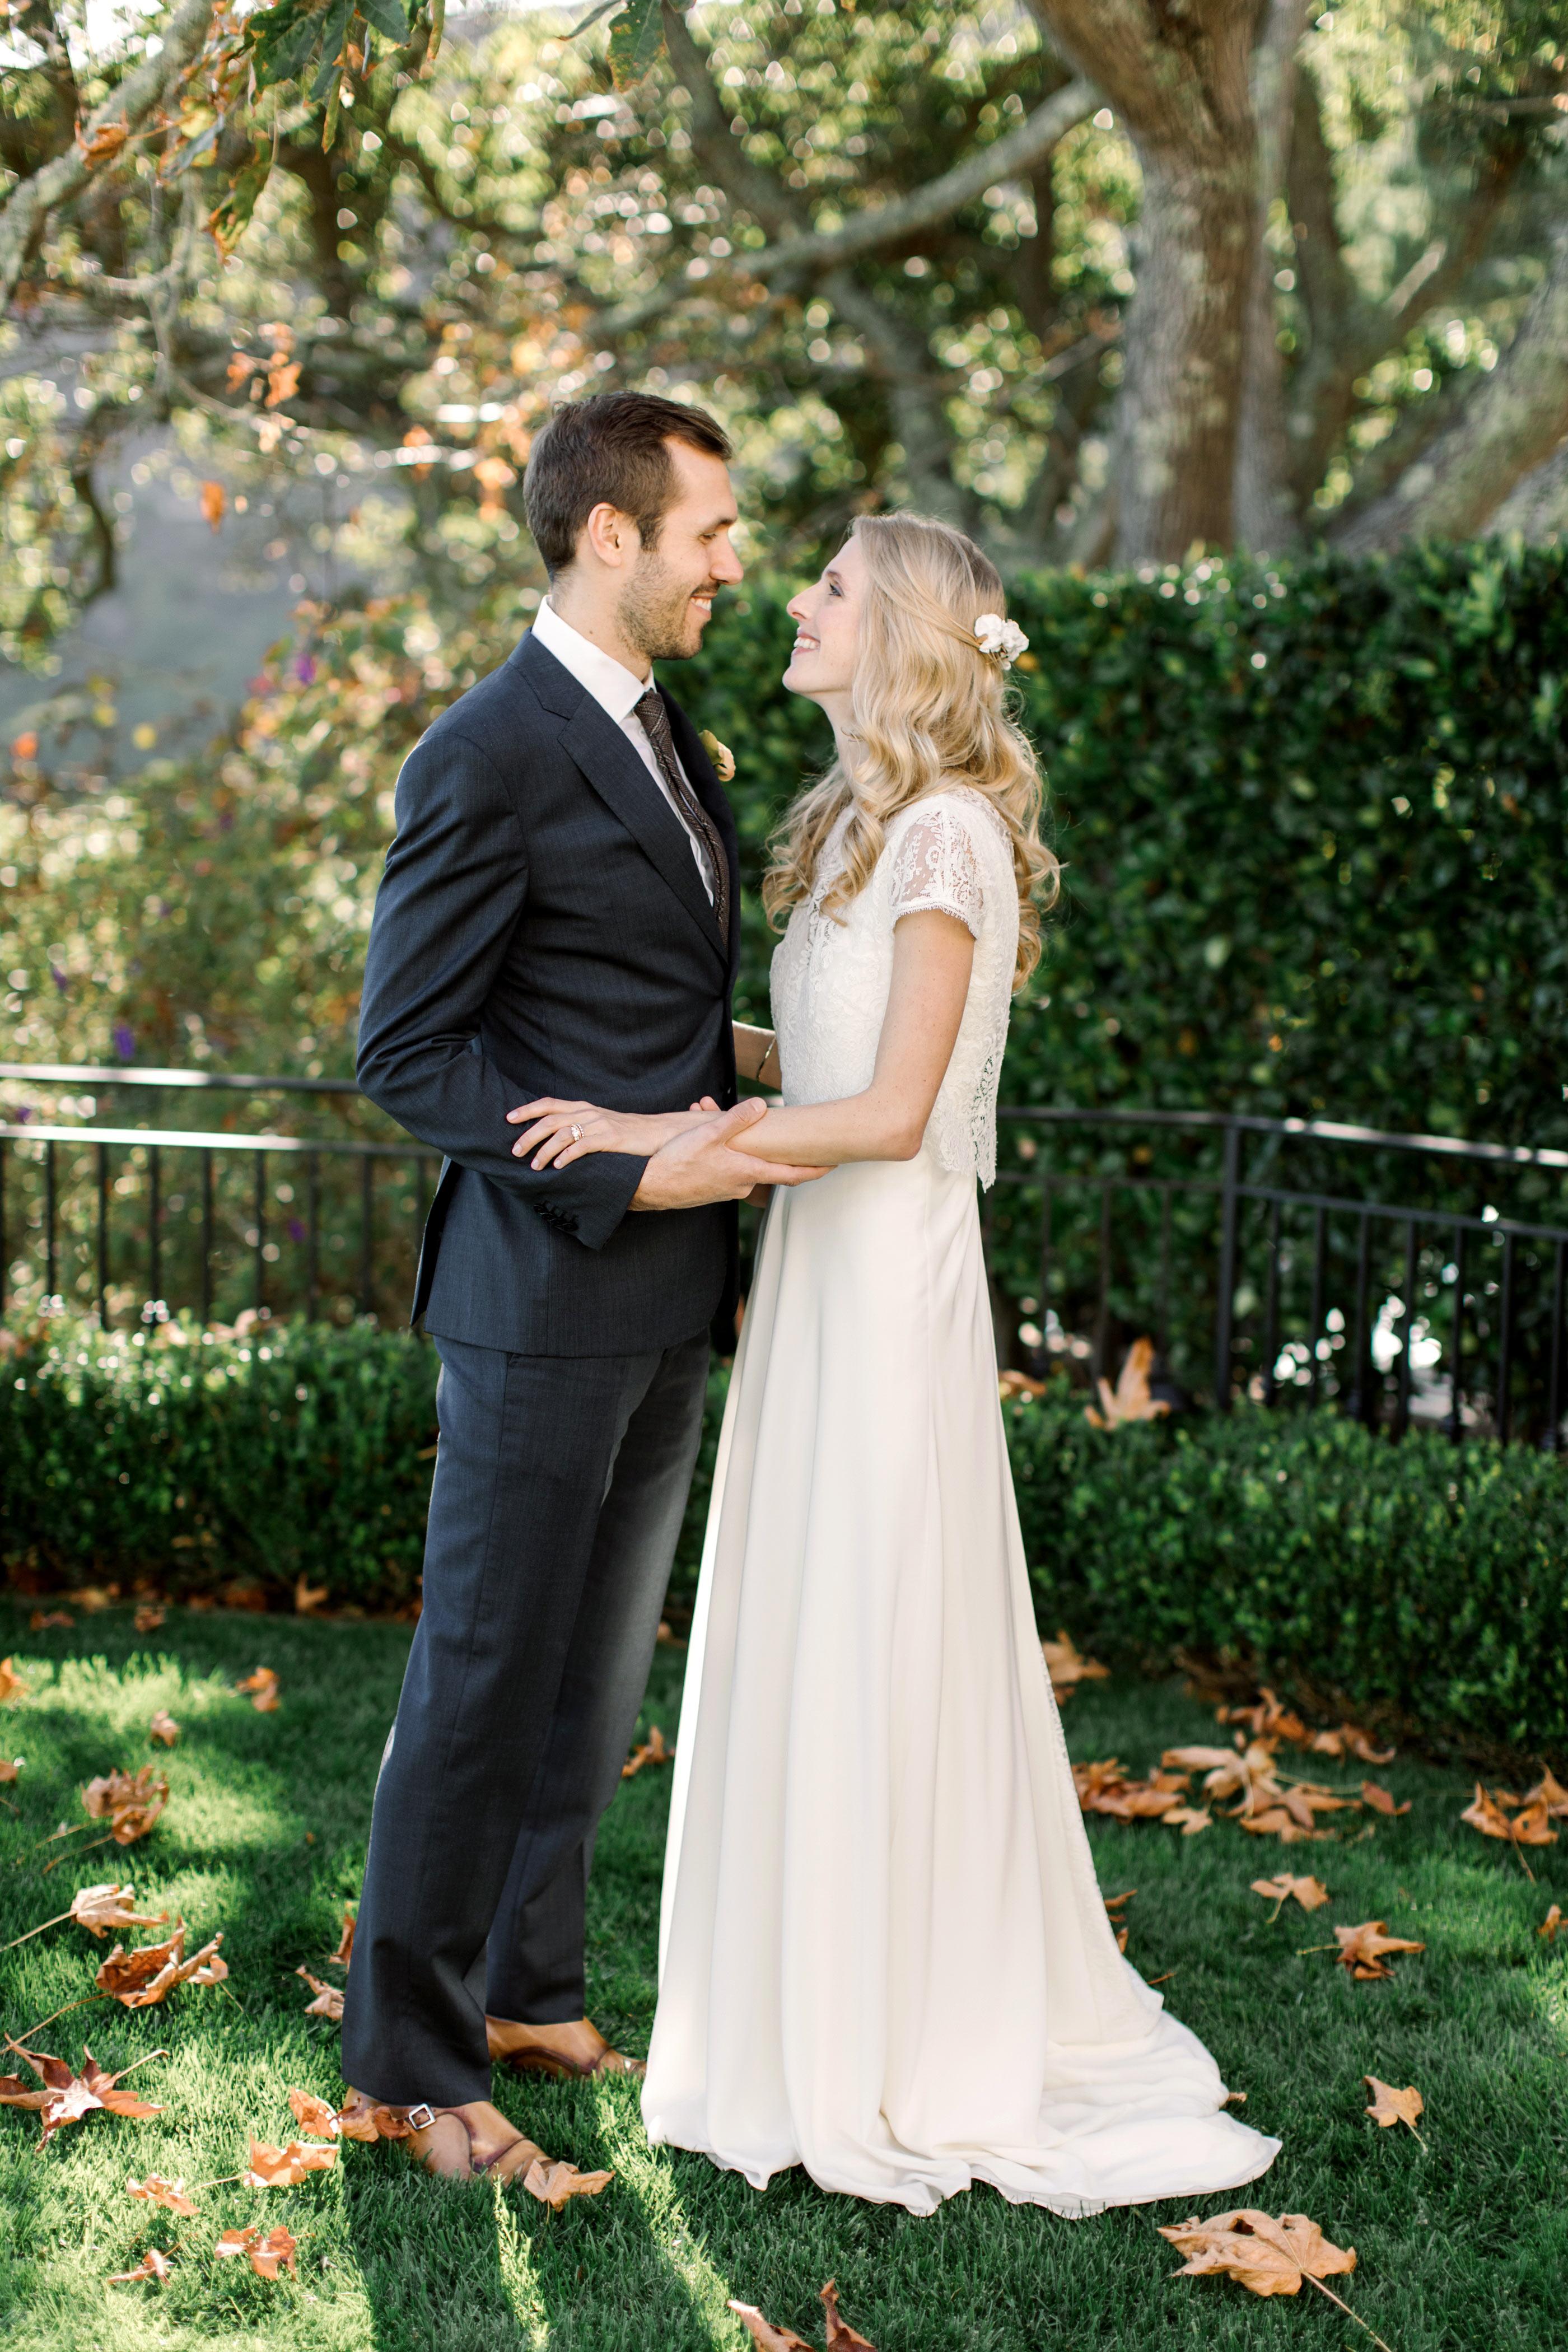 gillian marcus wedding couple hug